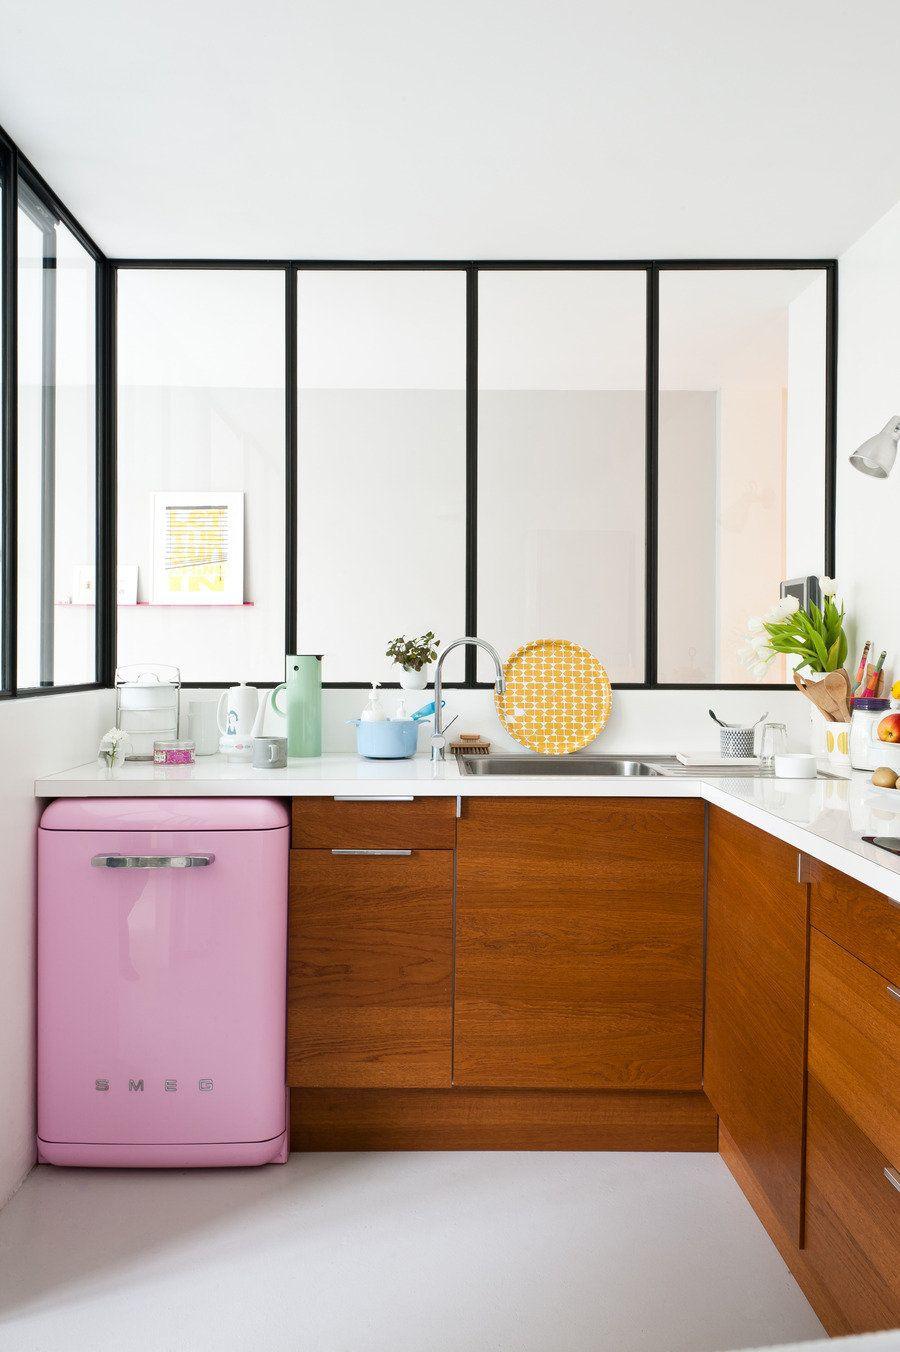 #windows, #kitchen, #modern, #sink, #cabinet, #pink, #countertop, #smeg, #home-tour  Photography: Julien Fernandez - julien-fernandez.com/